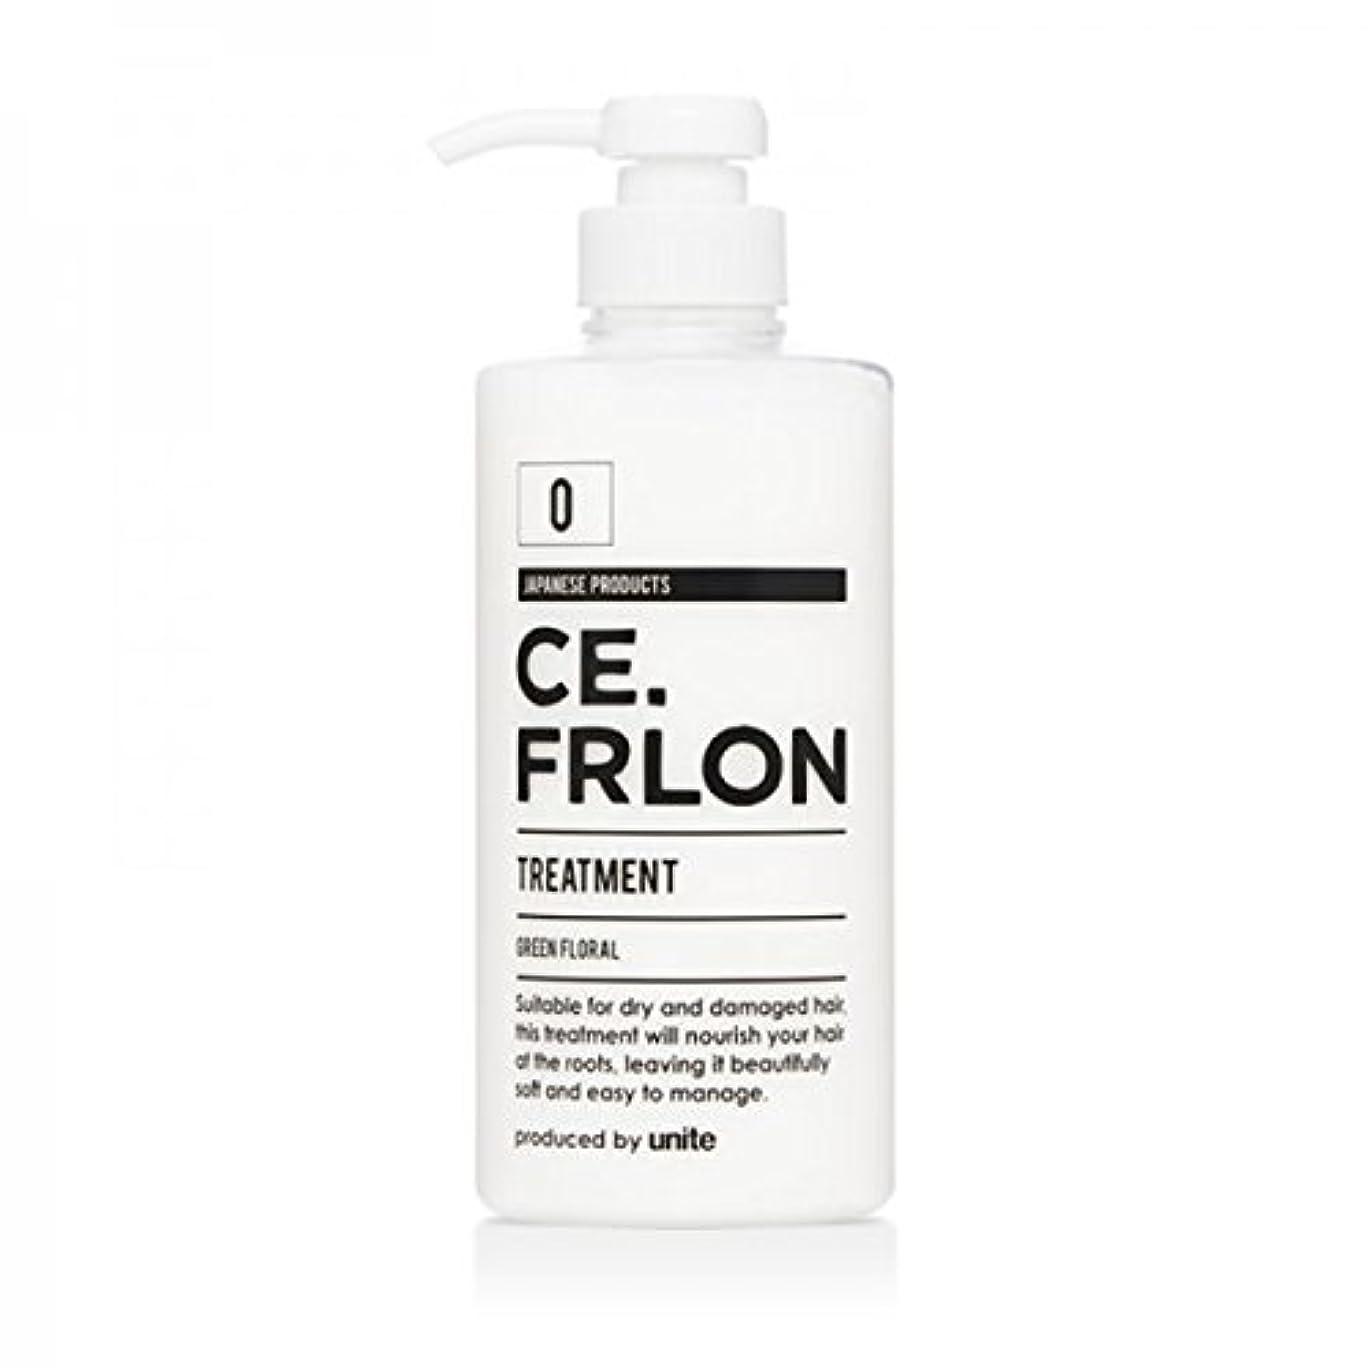 規範で出来ている宿泊トリートメント 500g CE.FRLON (美容師が開発したヘアケア商品)